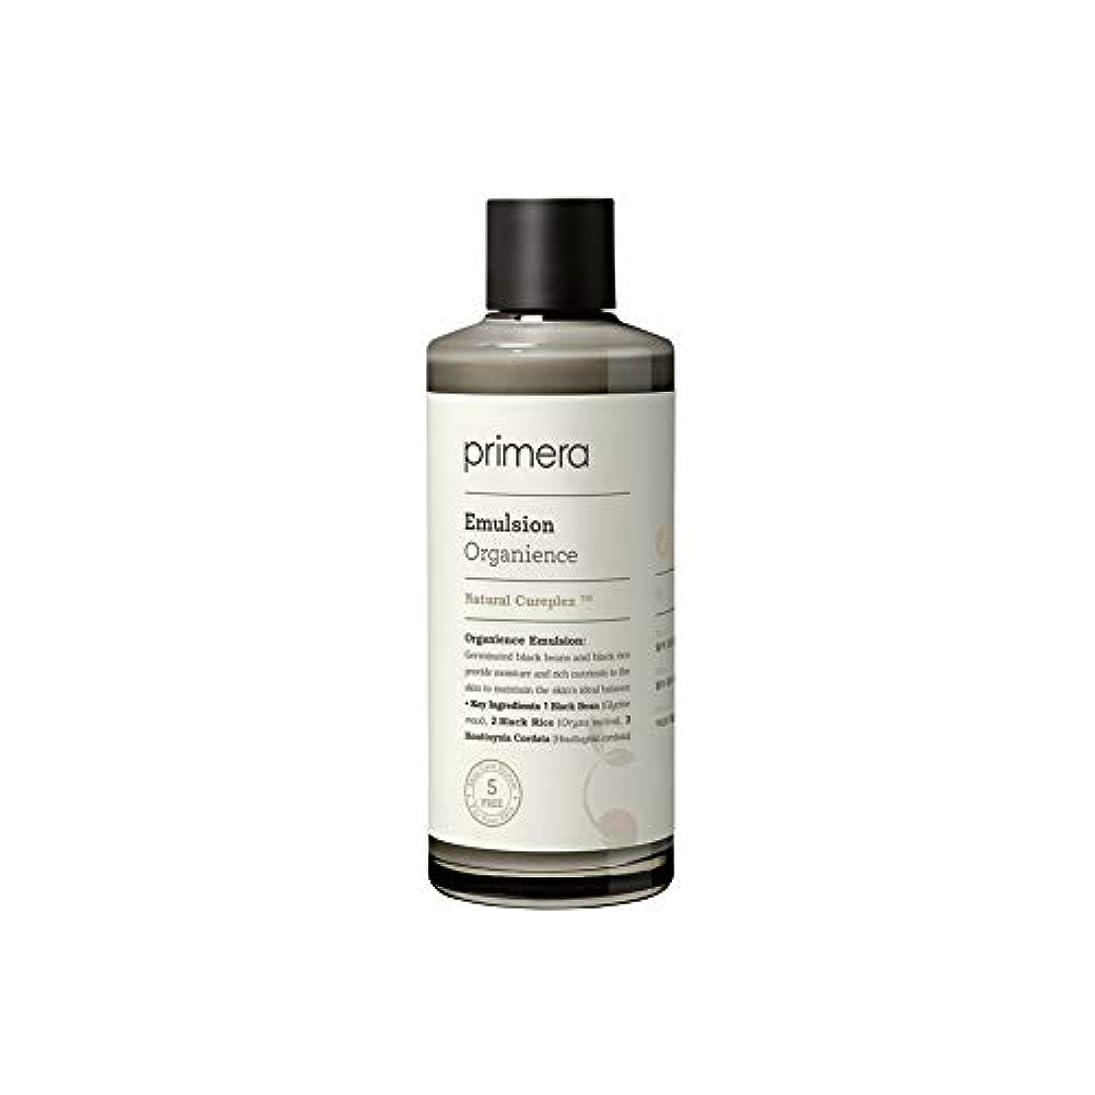 アーチ原因大いに【primera公式】プリメラ オーガニアンス キュア アイクリーム 30ml/primera Organience Cure Eye Cream 30ml